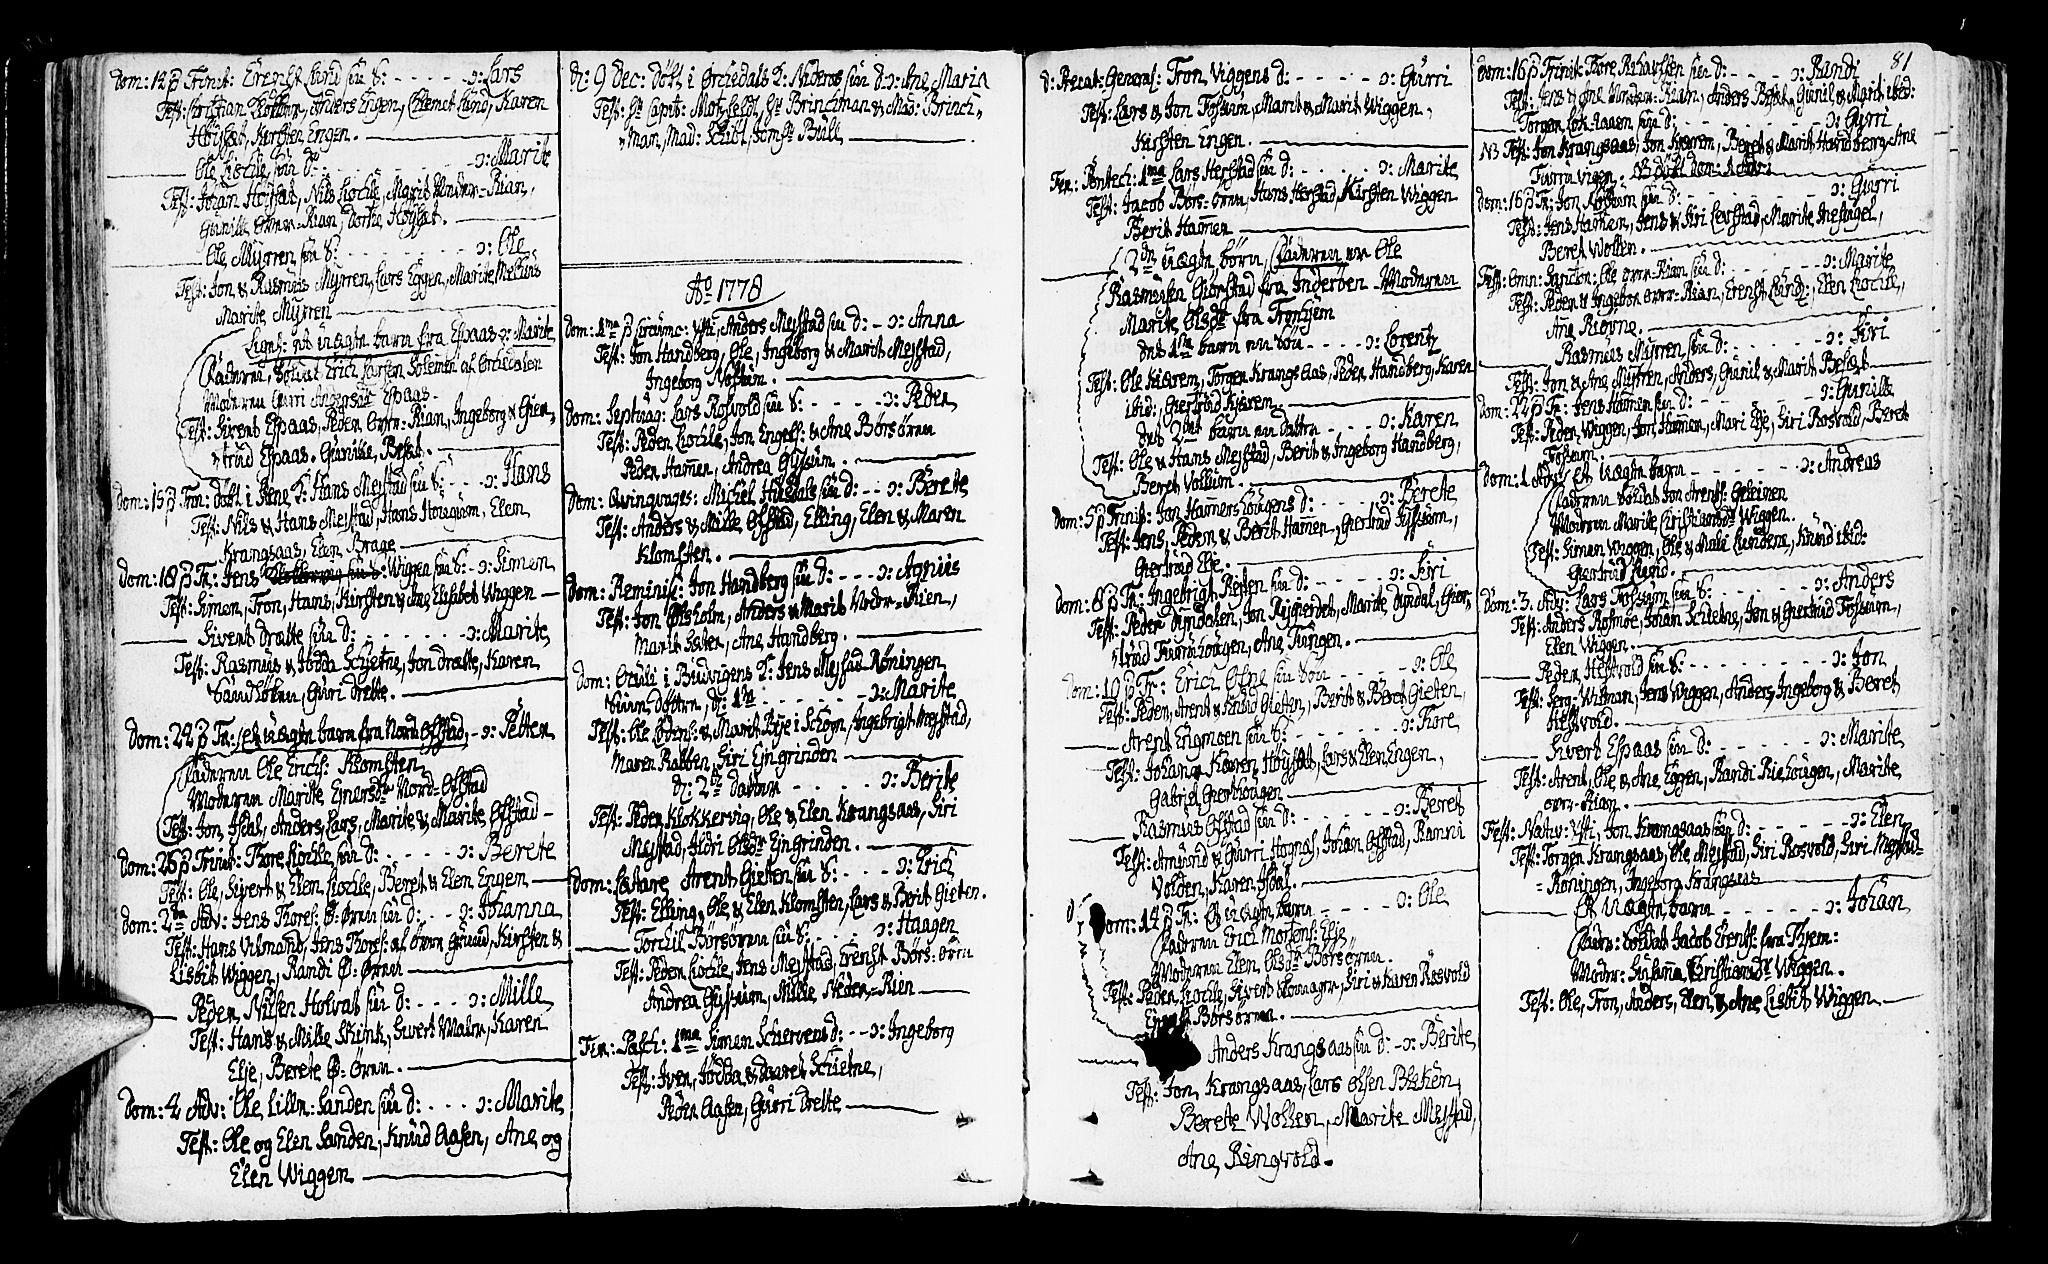 SAT, Ministerialprotokoller, klokkerbøker og fødselsregistre - Sør-Trøndelag, 665/L0768: Ministerialbok nr. 665A03, 1754-1803, s. 81